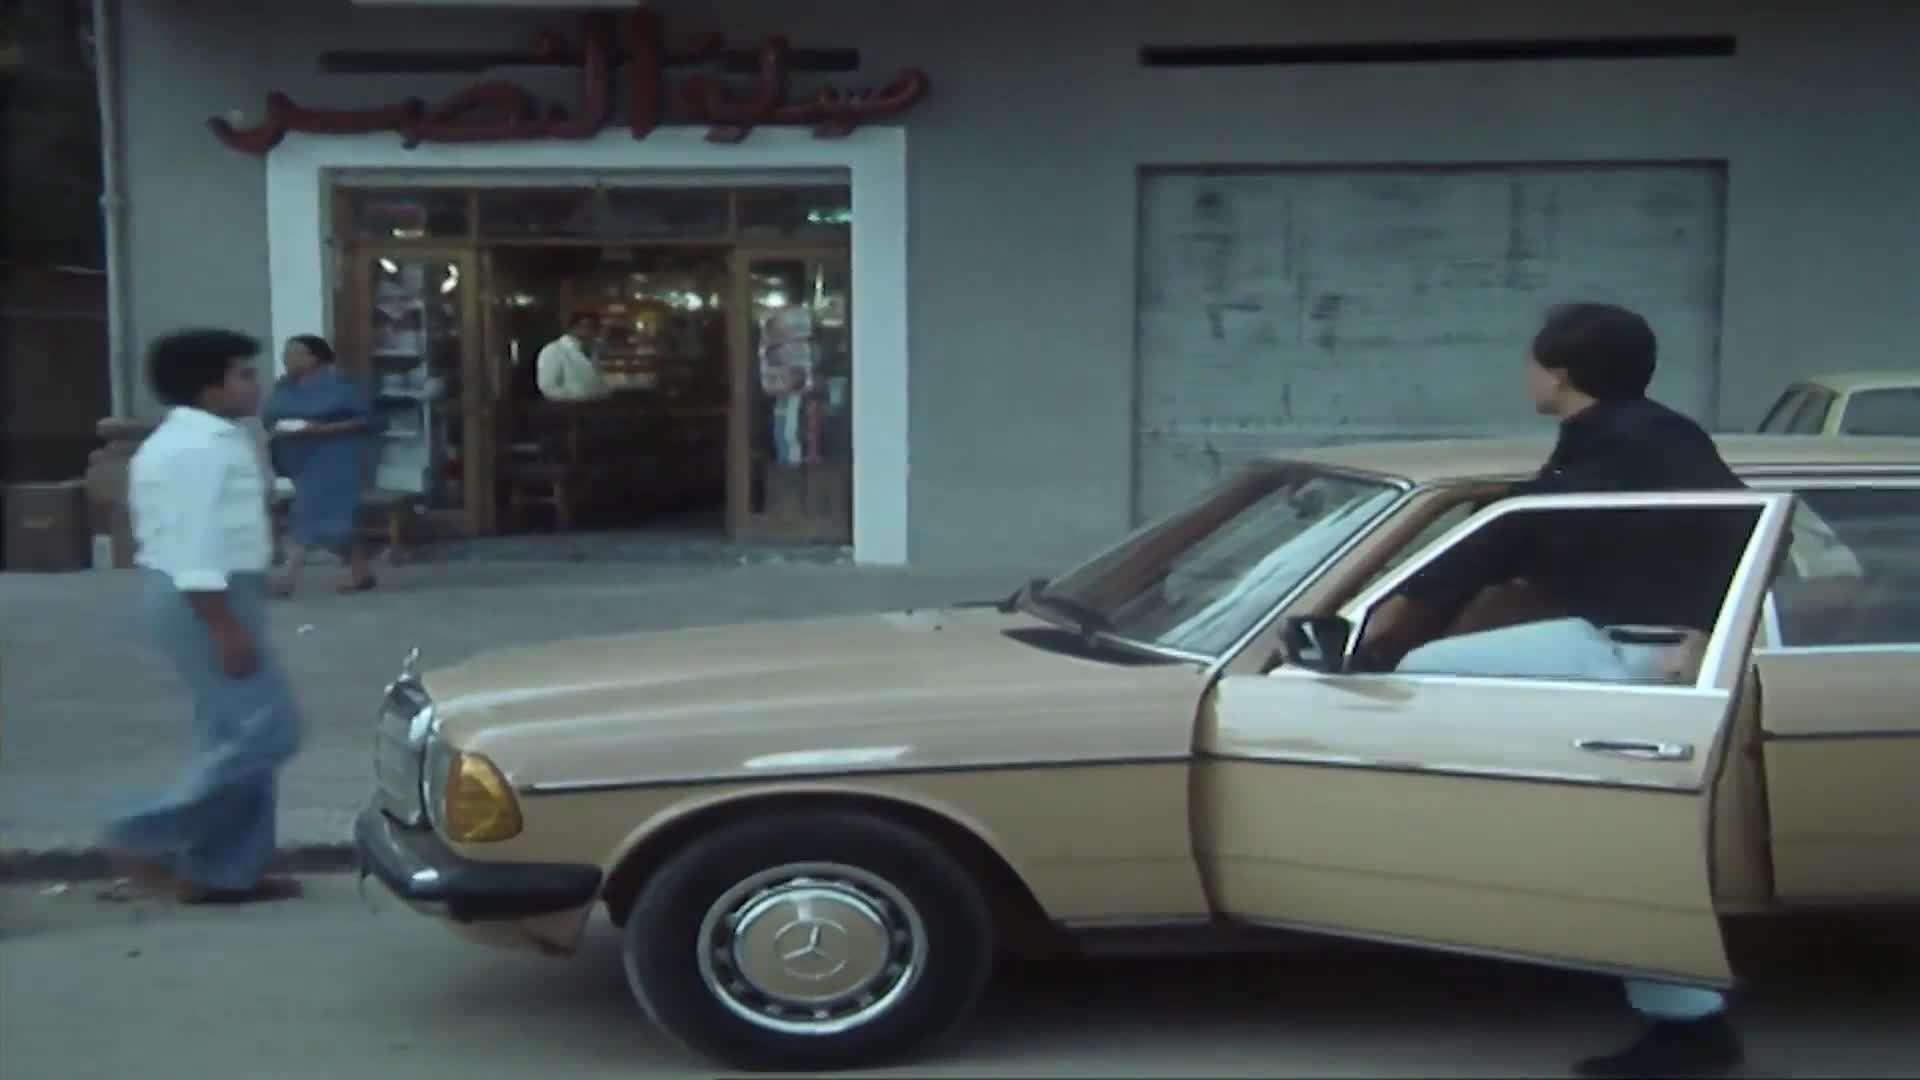 [فيلم][تورنت][تحميل][عصابة حمادة وتوتو][1982][1080p][Web-DL] 8 arabp2p.com